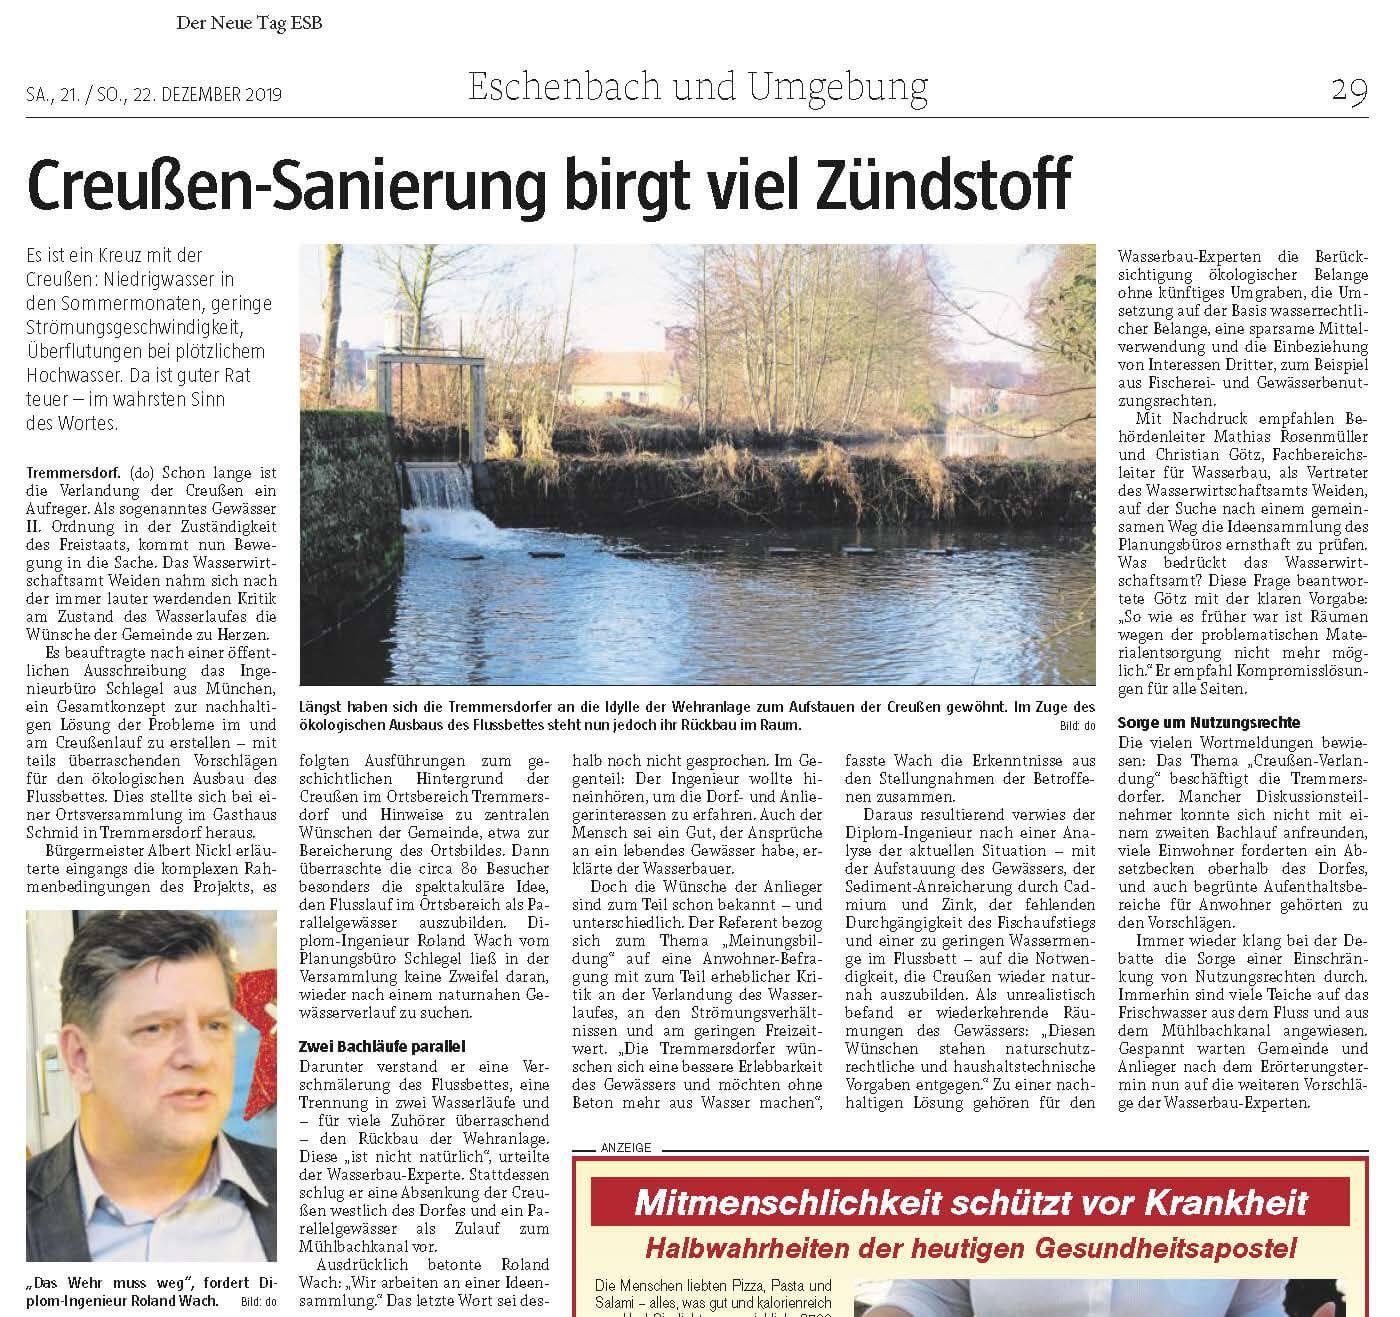 Foto des Presseartikels Tremmersdorf Creußen-Sanierung